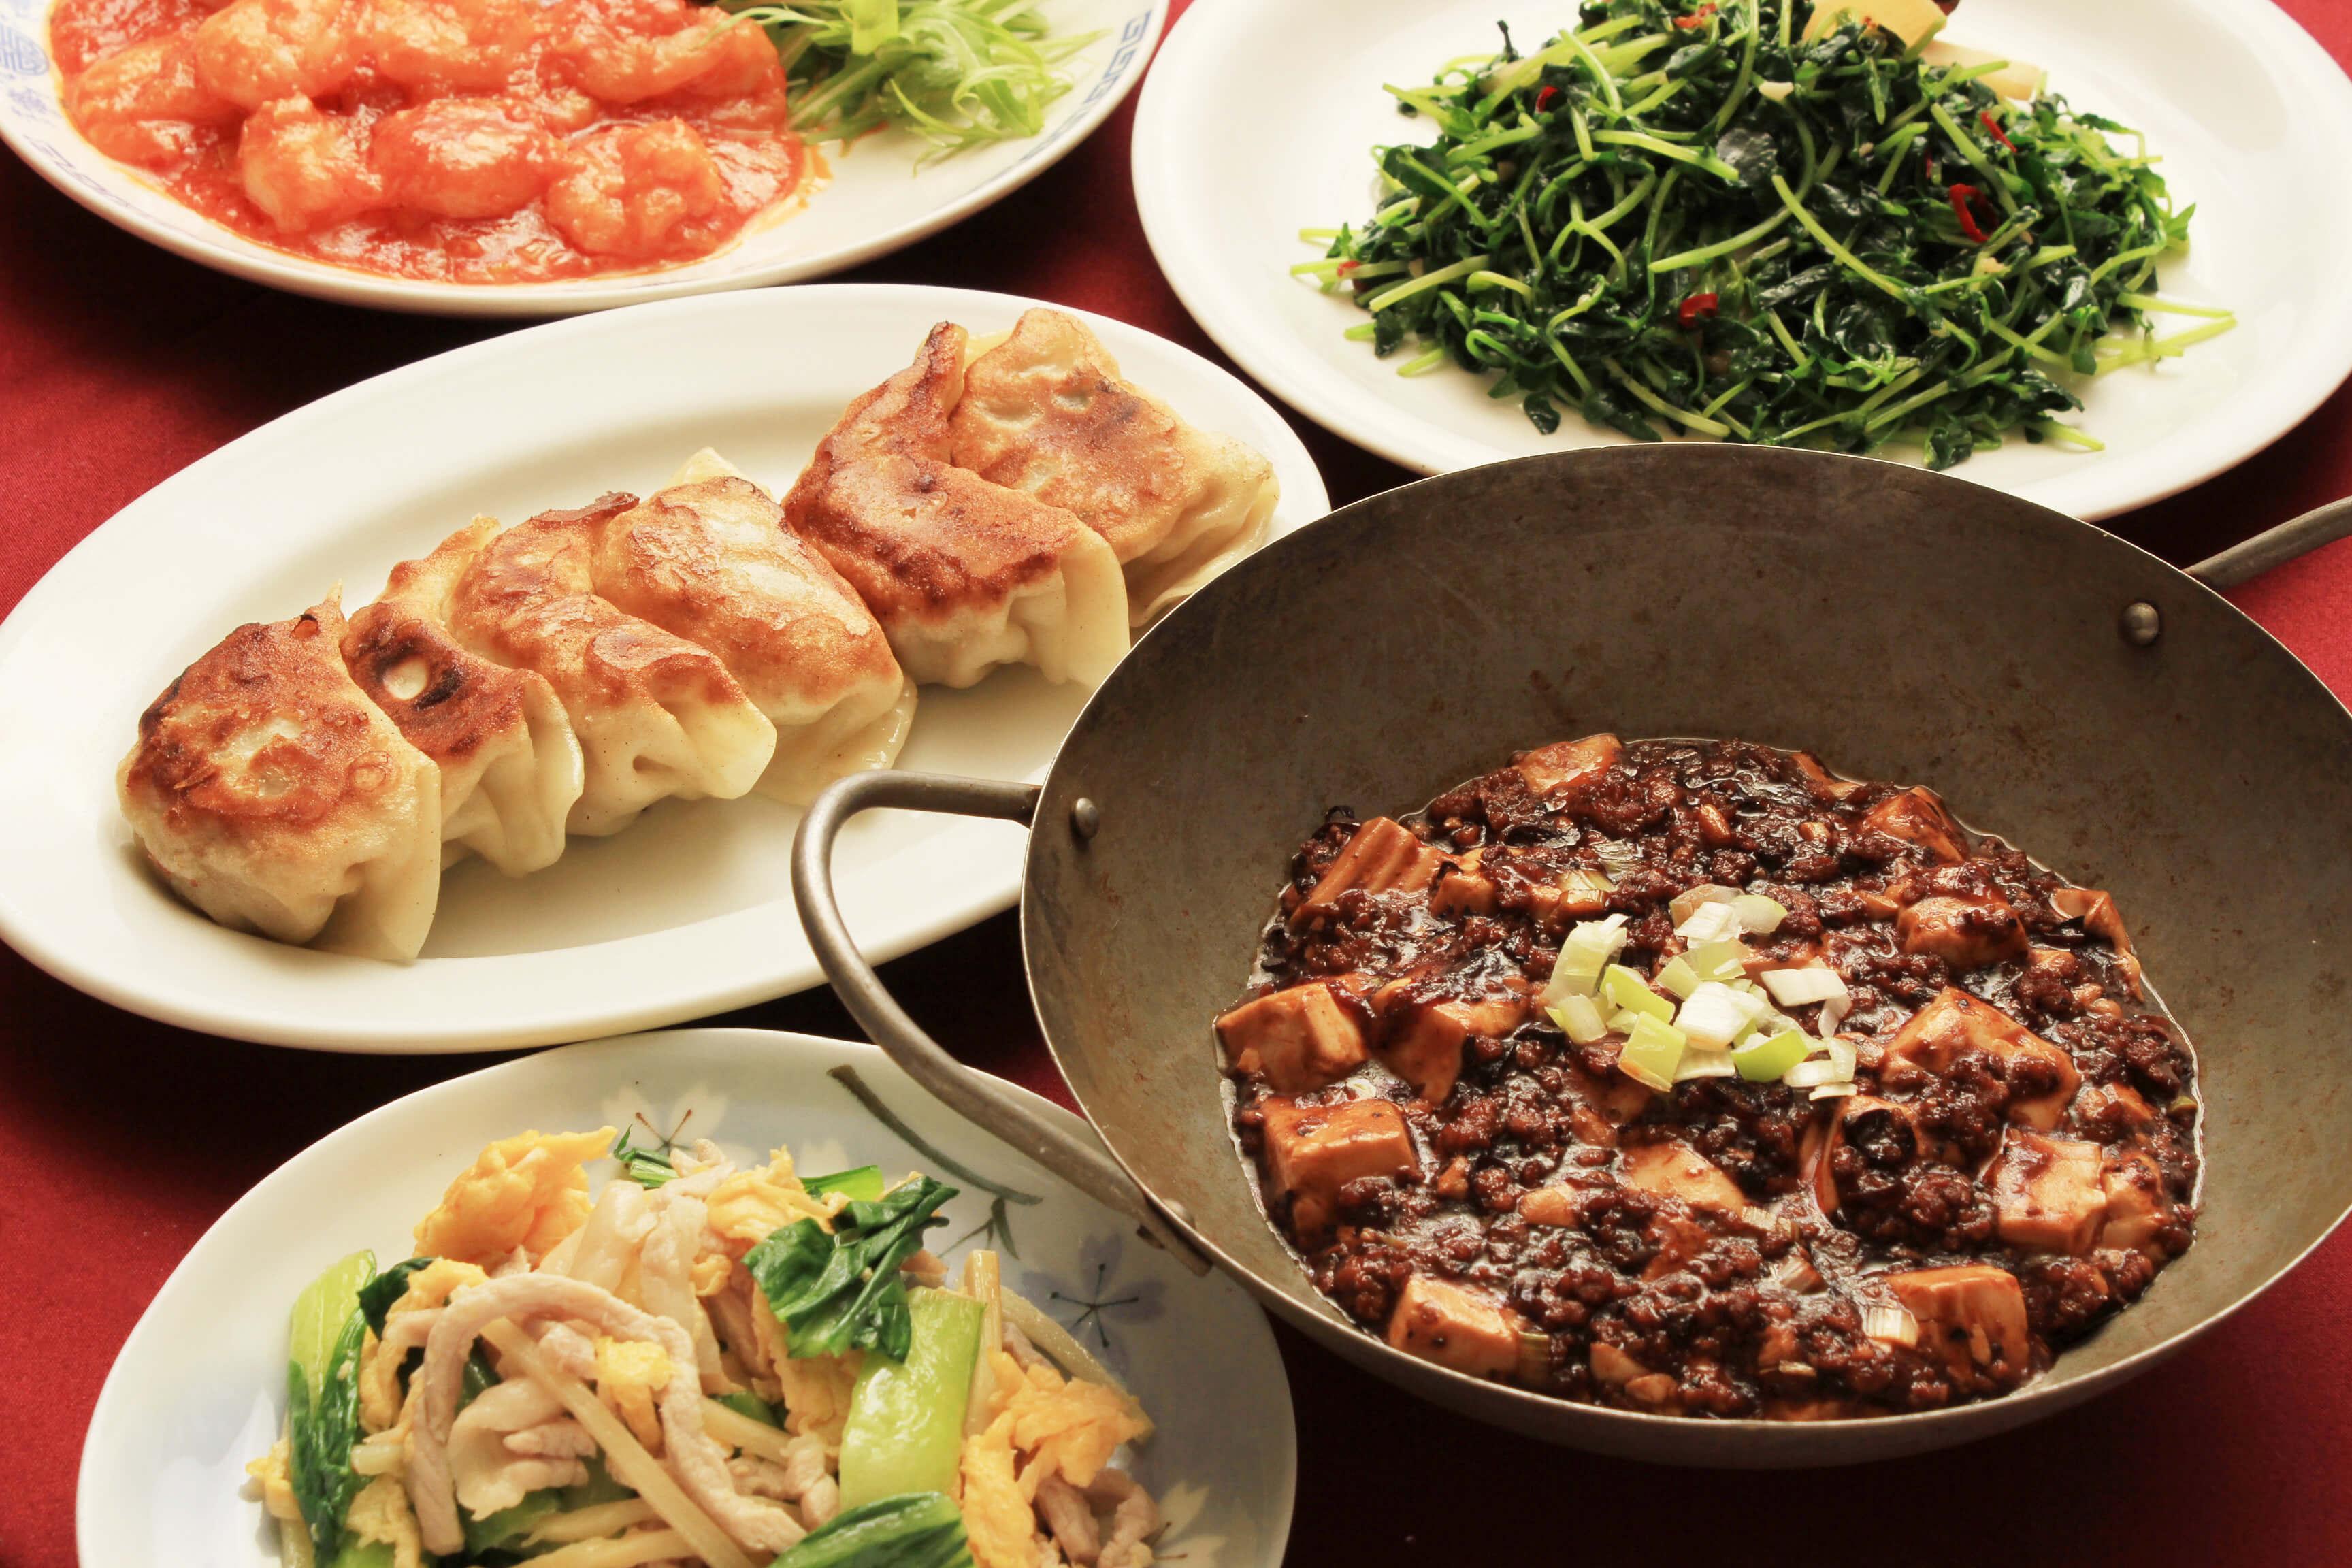 冷凍食品とは比べ物にならない!普段食べてる中華が劇的に美味くなるレシピ12つ。